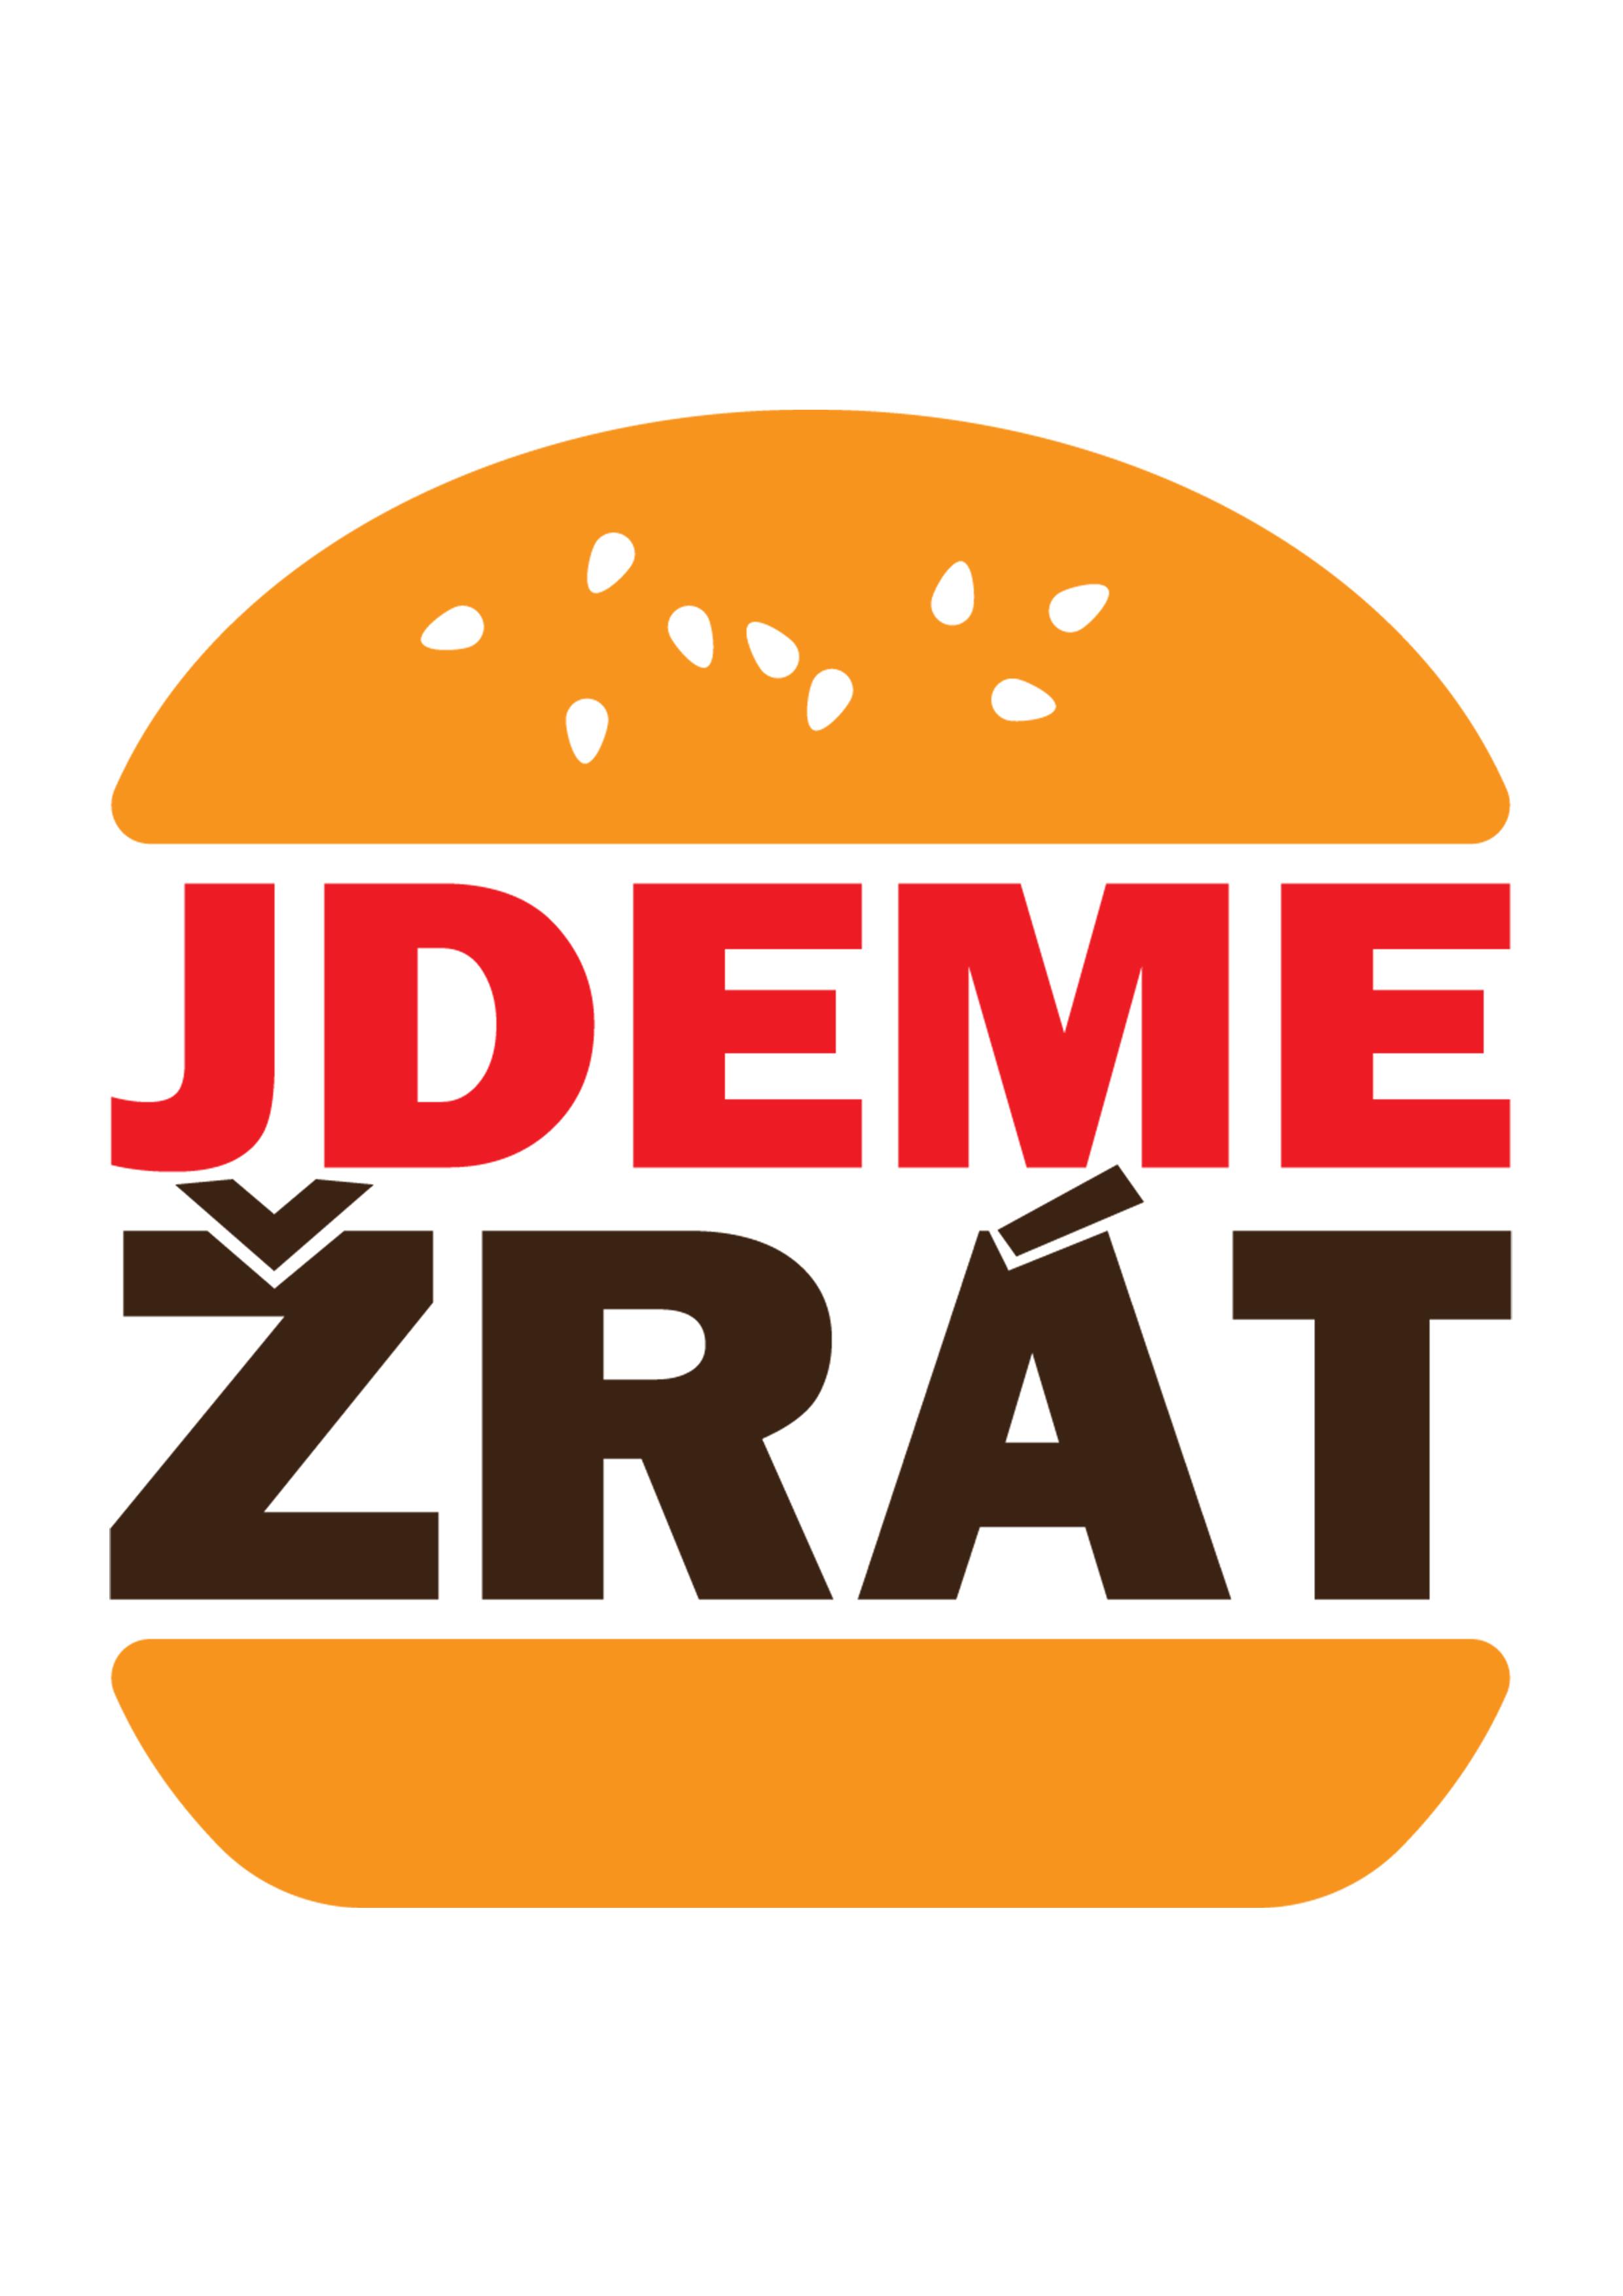 77a7c280c Jdemežrát do kina - Akce - CineStar Praha - Anděl